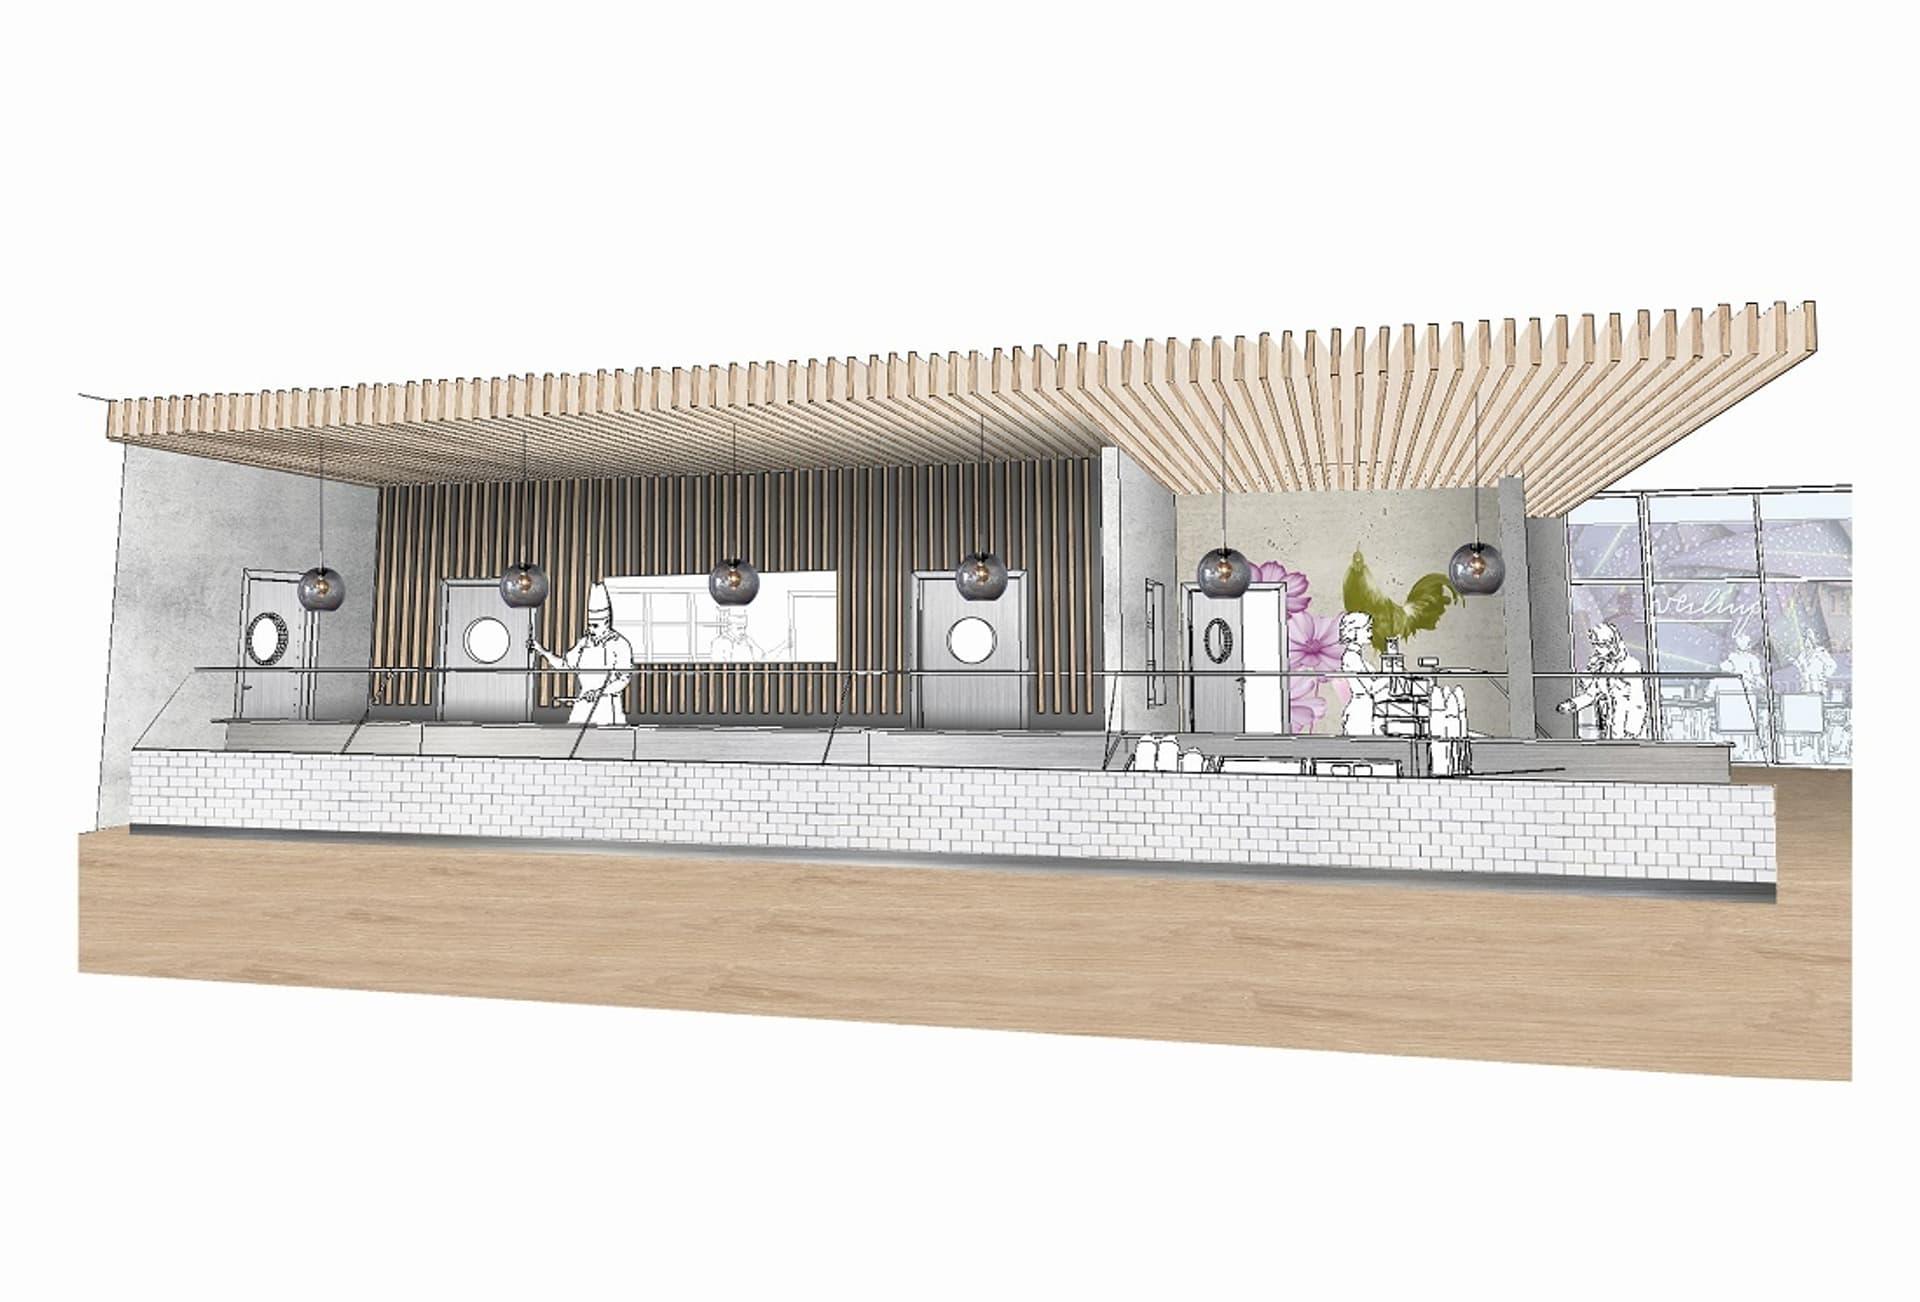 Das neue Mitarbeiterbistro am Standort Lonsee im Entwurf. Rechts Teile des neuen Lichthofs für Kunden